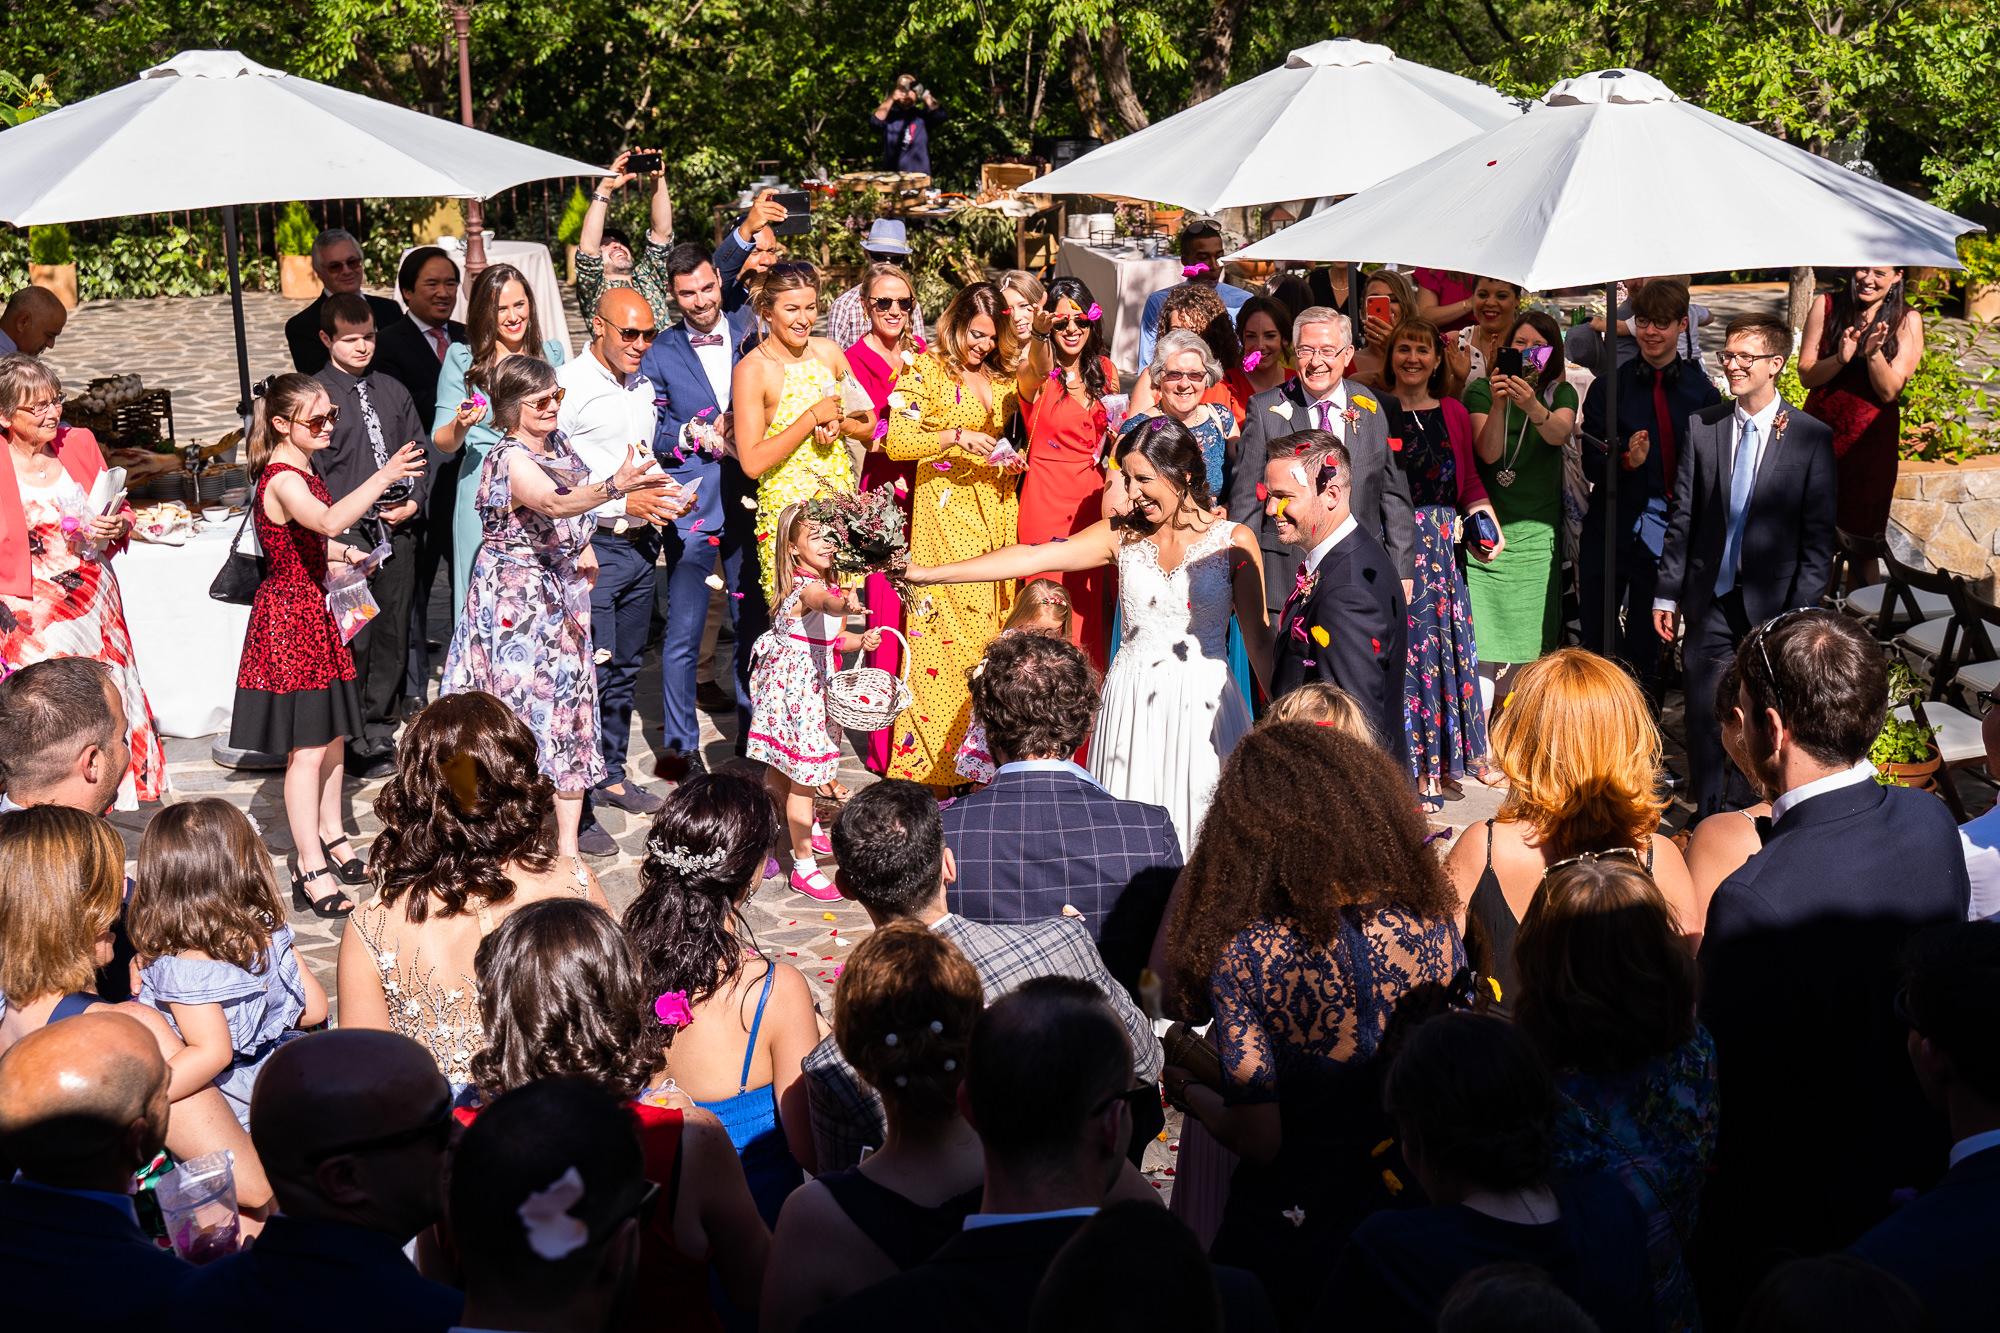 ceremonia civil en el exterior en navalagamella